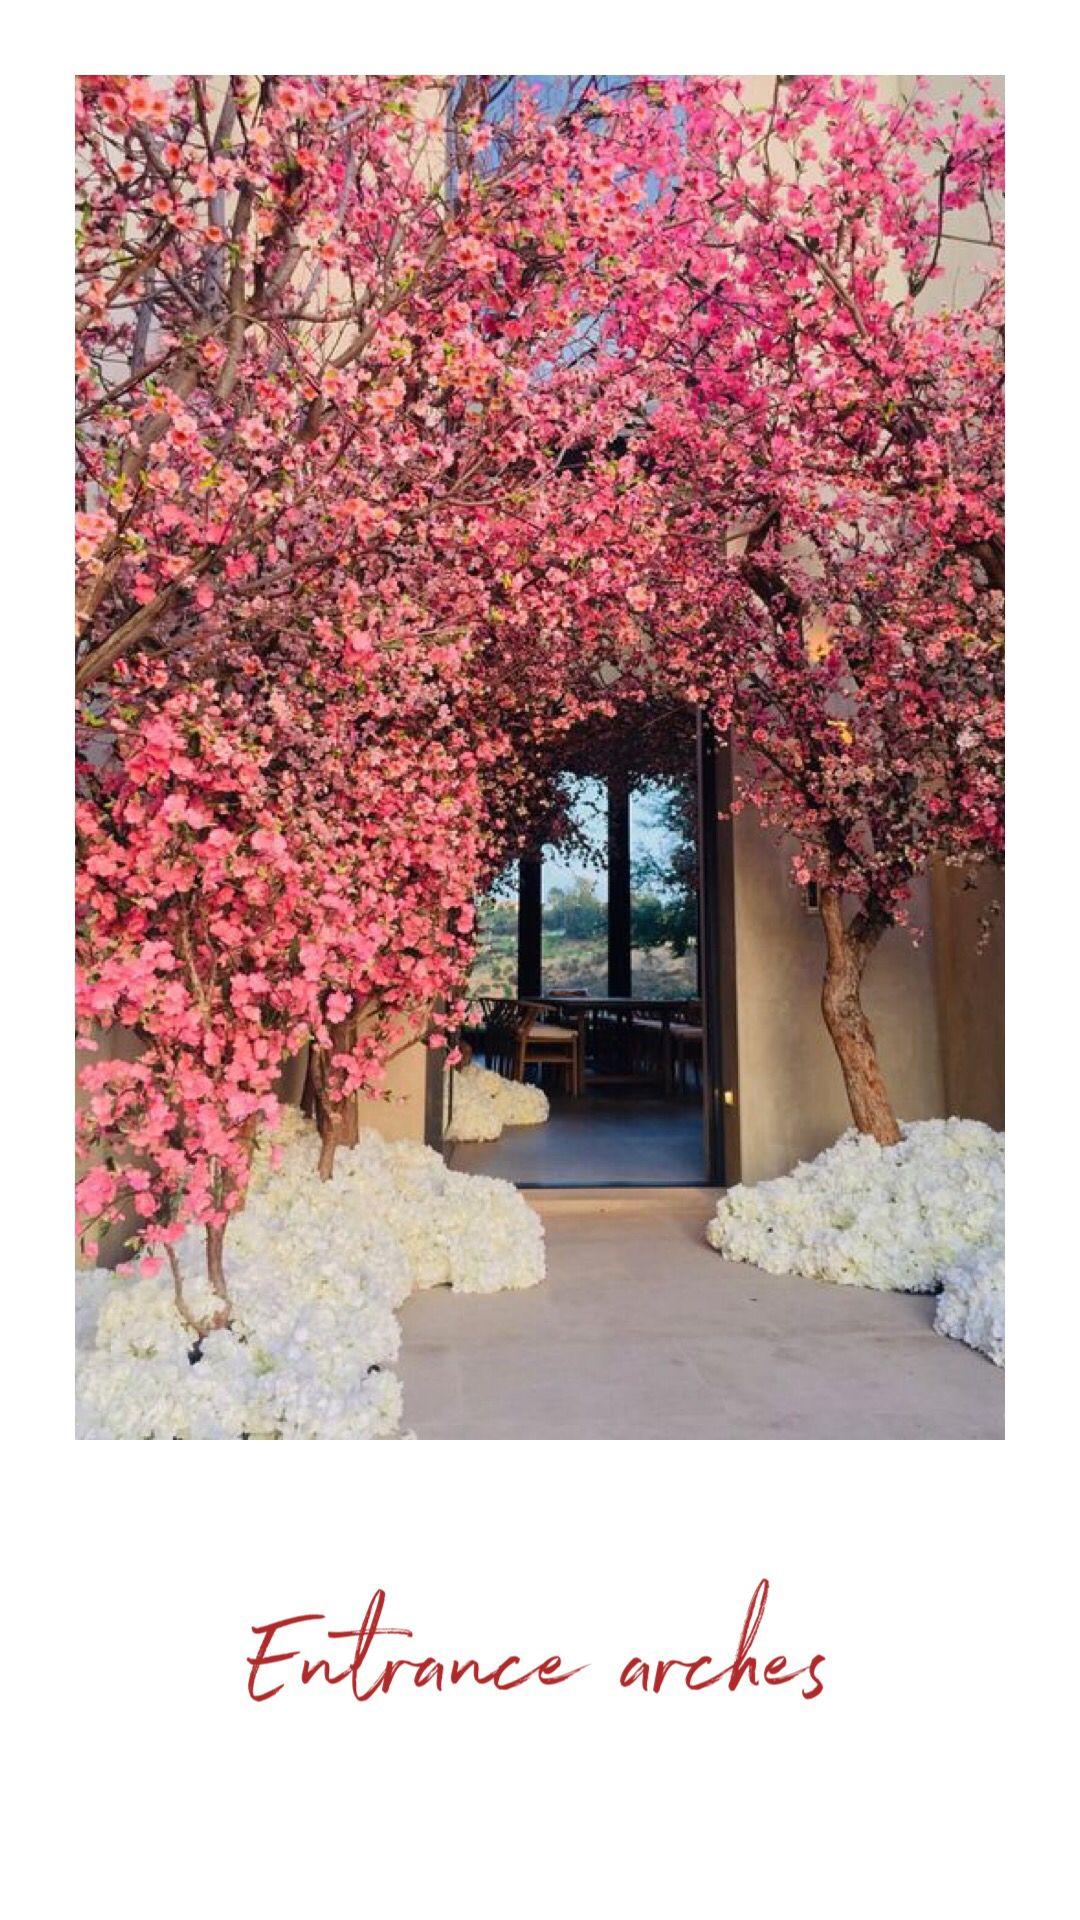 Cherry Blossom Wedding Decor Cherry Blossom Wedding Decor Cherry Blossom Wedding Cherry Blossom